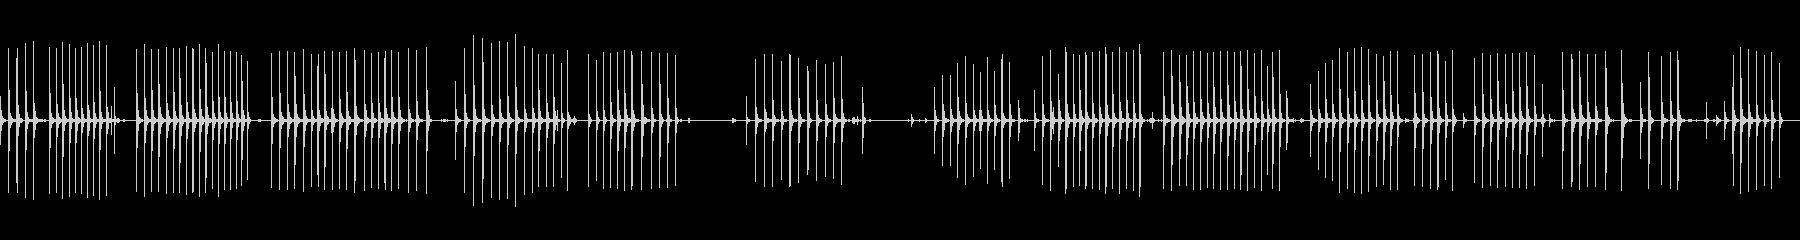 ノミとハンマーで削るその他のハンドツールの未再生の波形